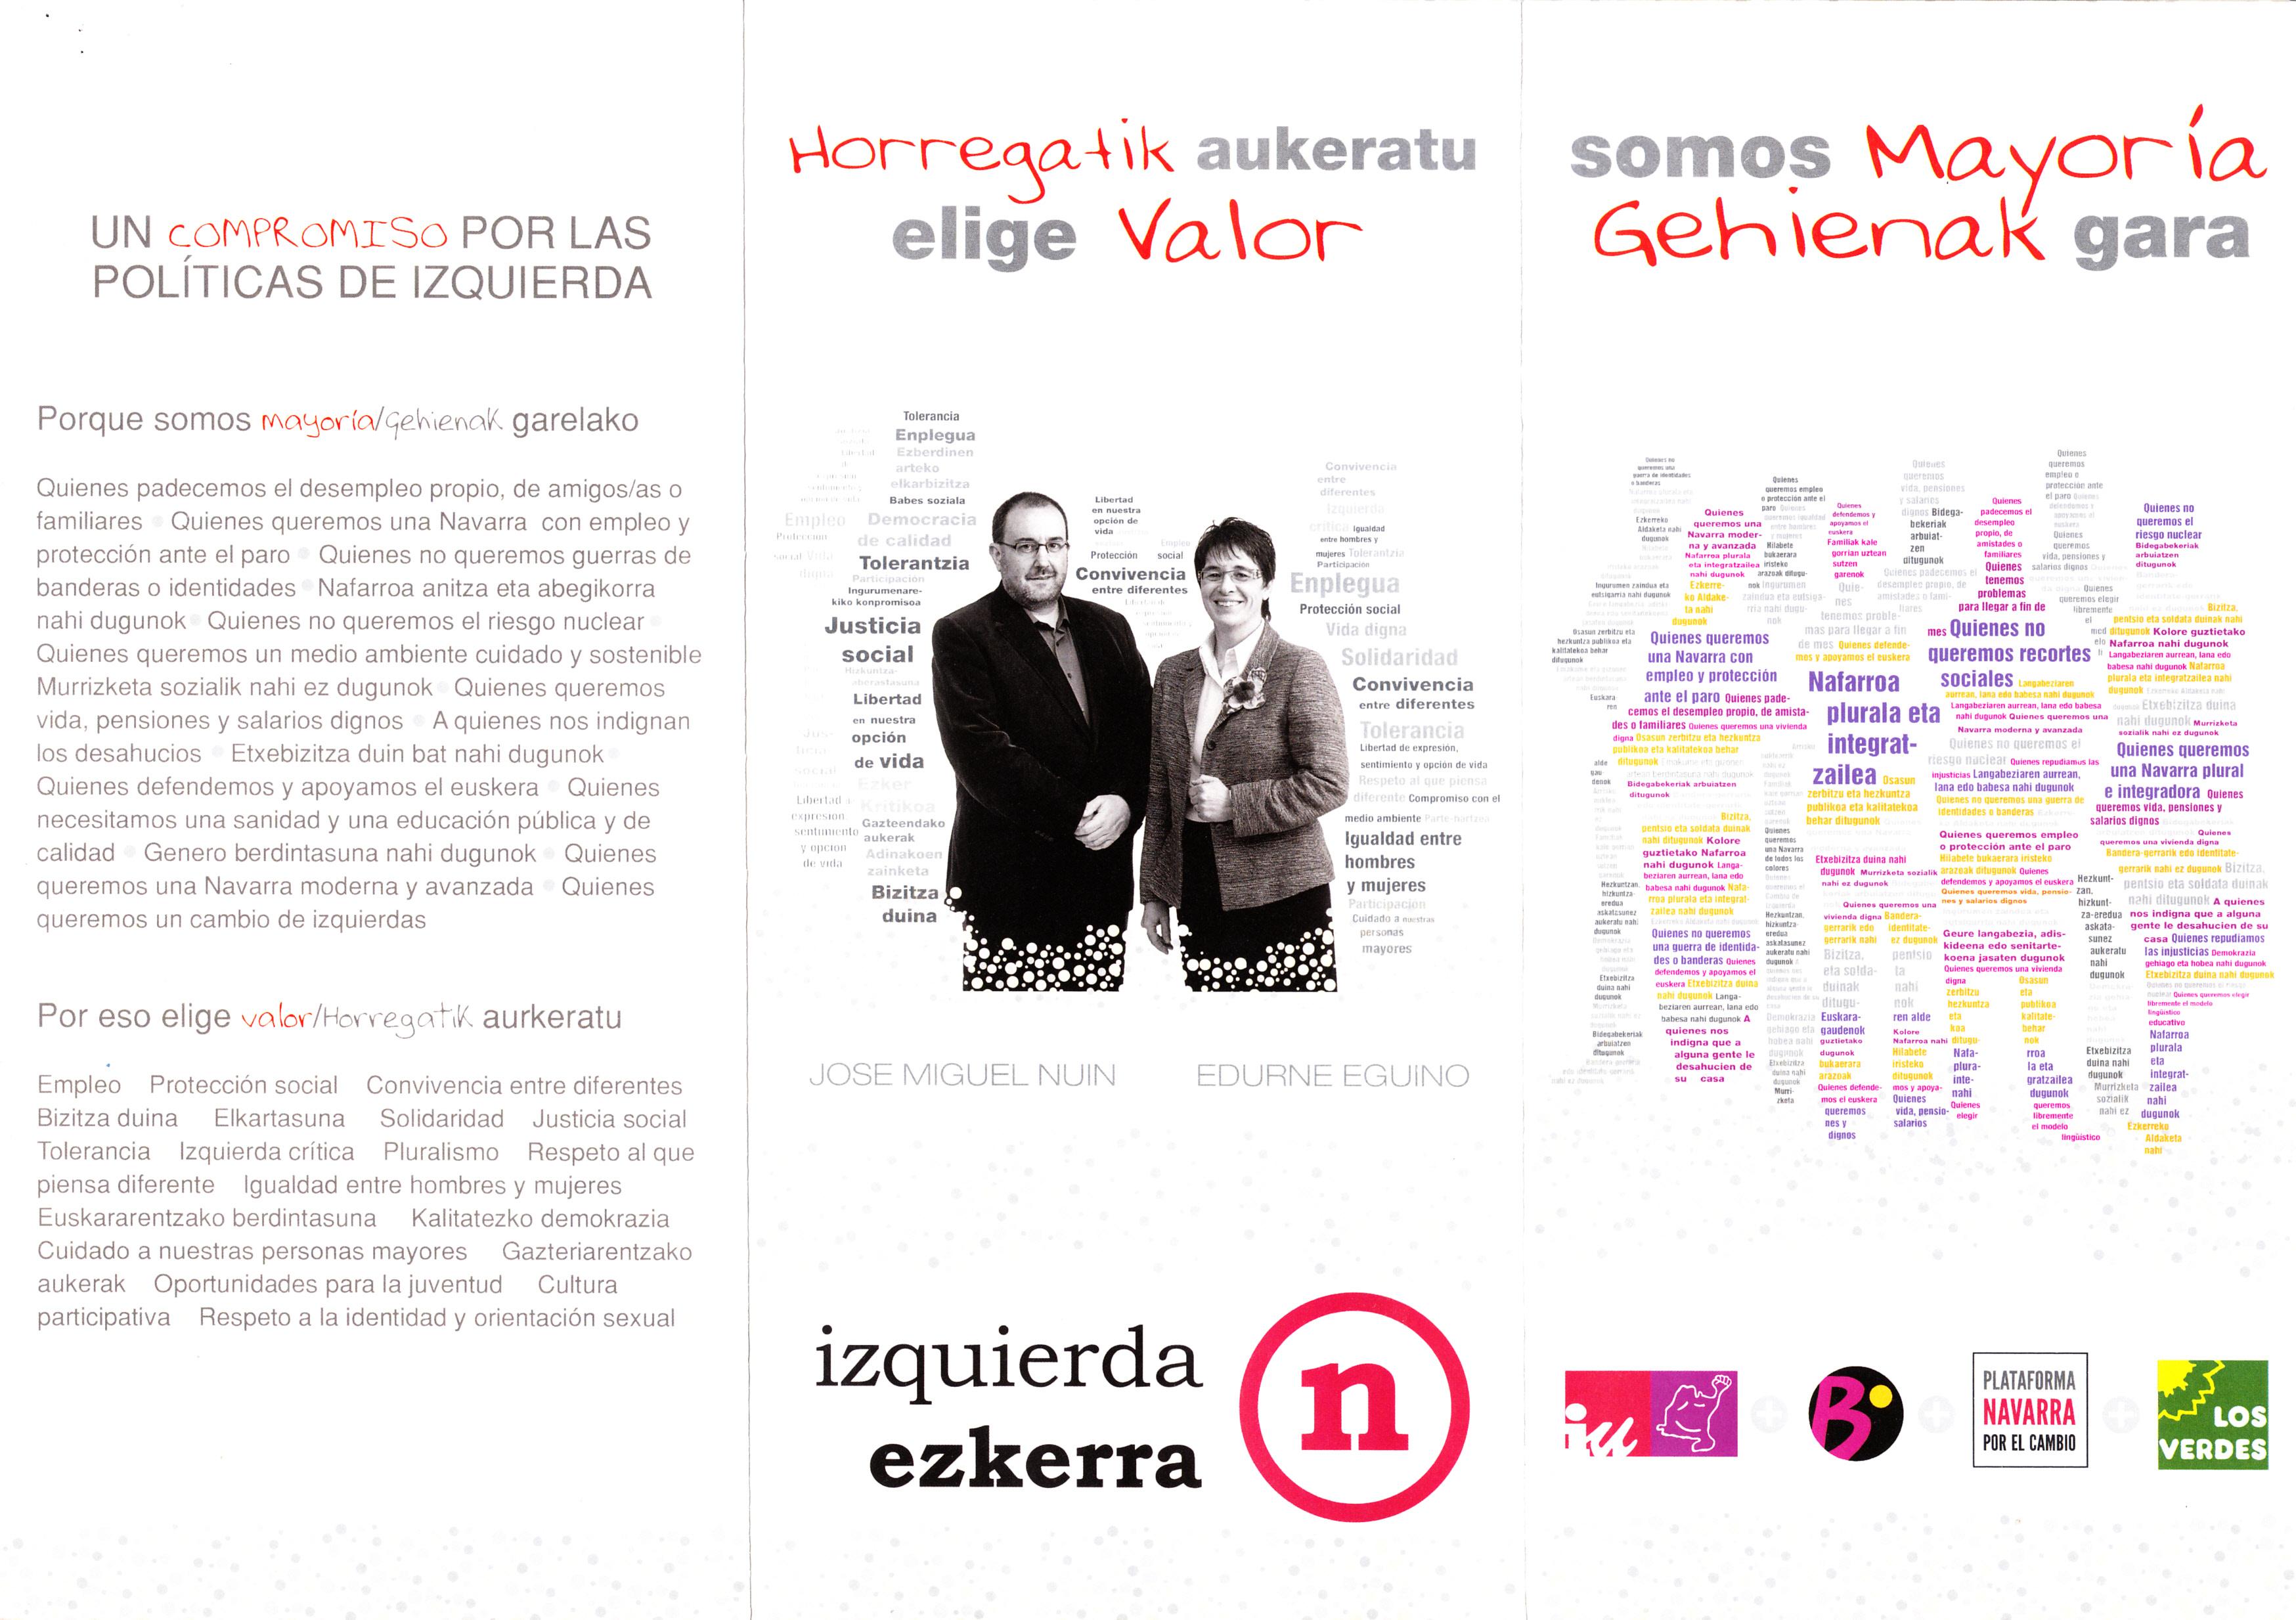 IZQUIERDA_EZKERRA_navarra_2011_0001